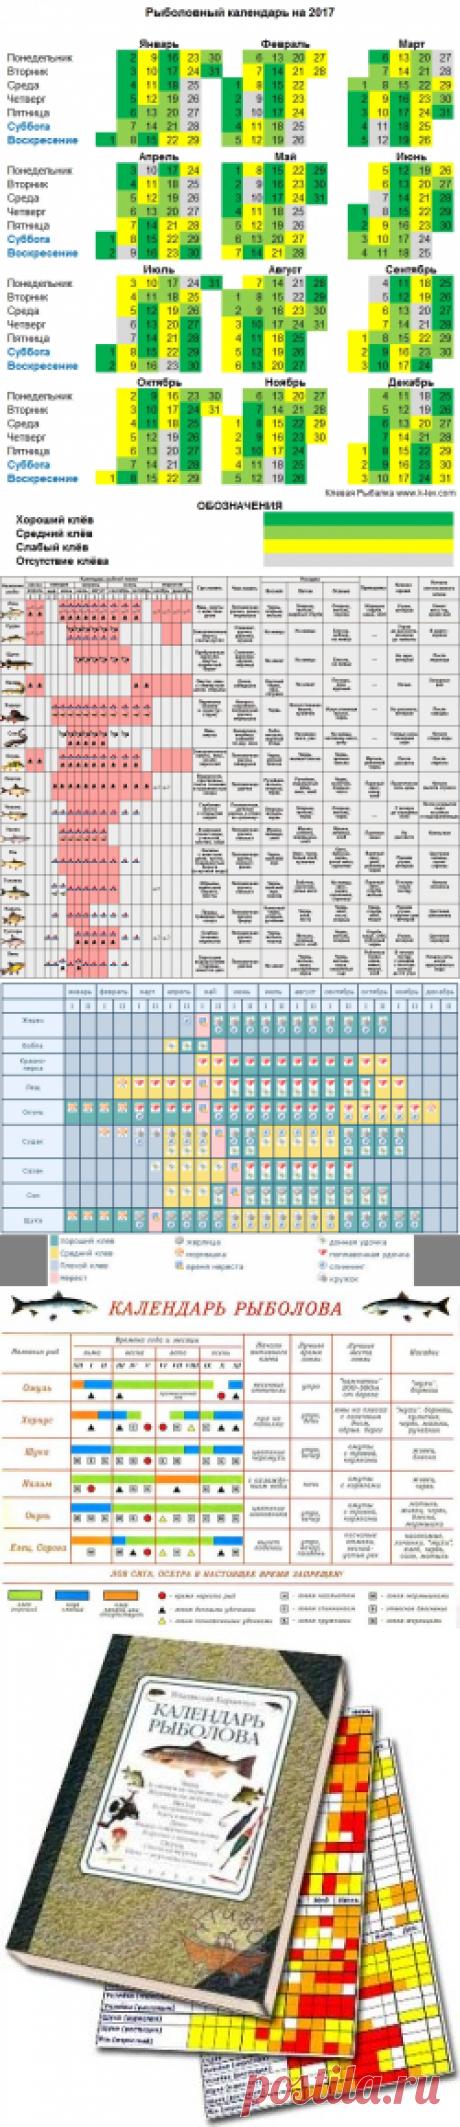 Календарь рыболова на 2017 год по месяцам и дням - Клёвая рыбалка